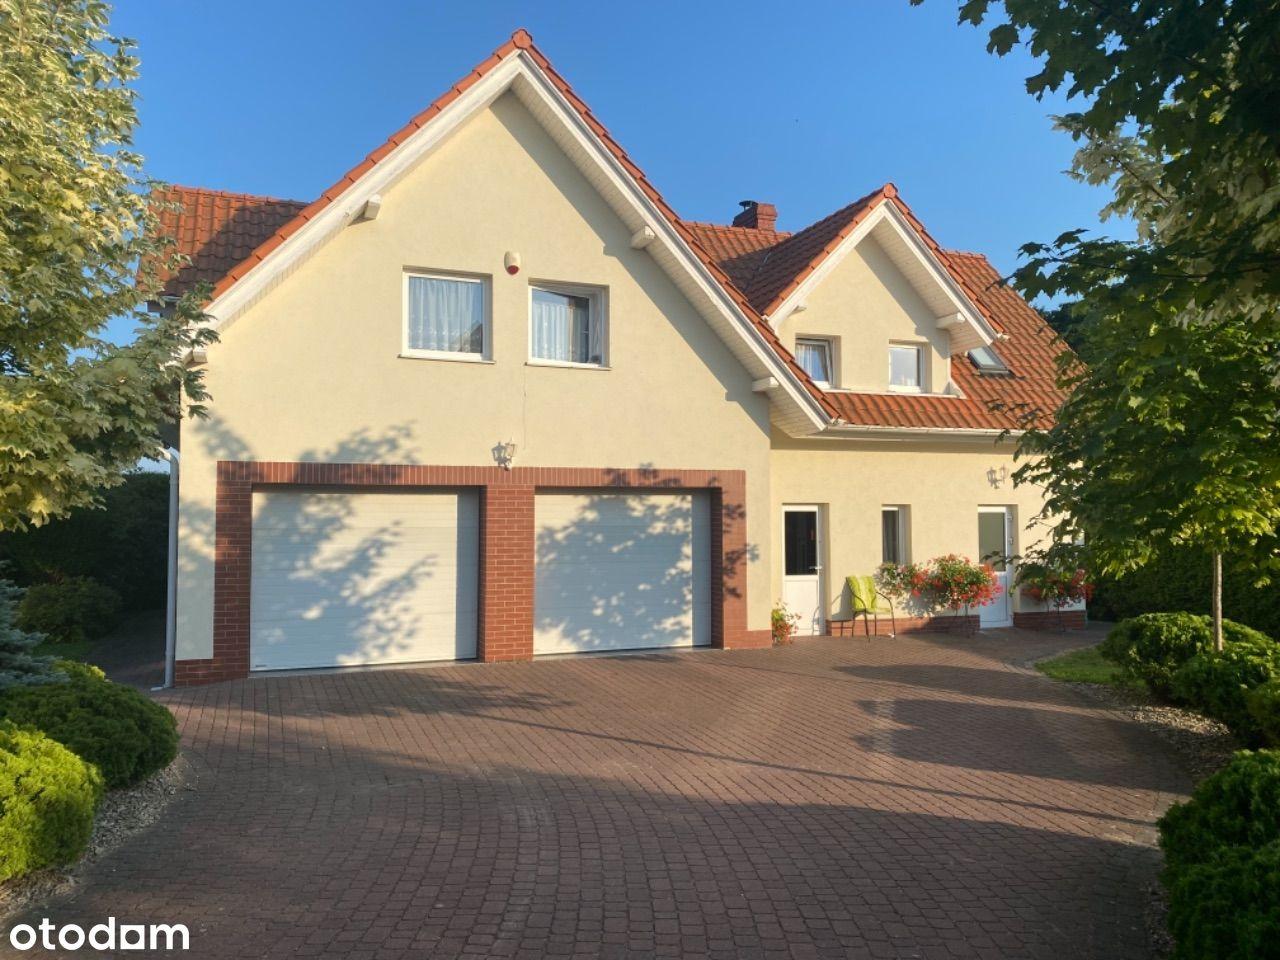 Dom nad morzem 155,37m2 -z dwoma garażami